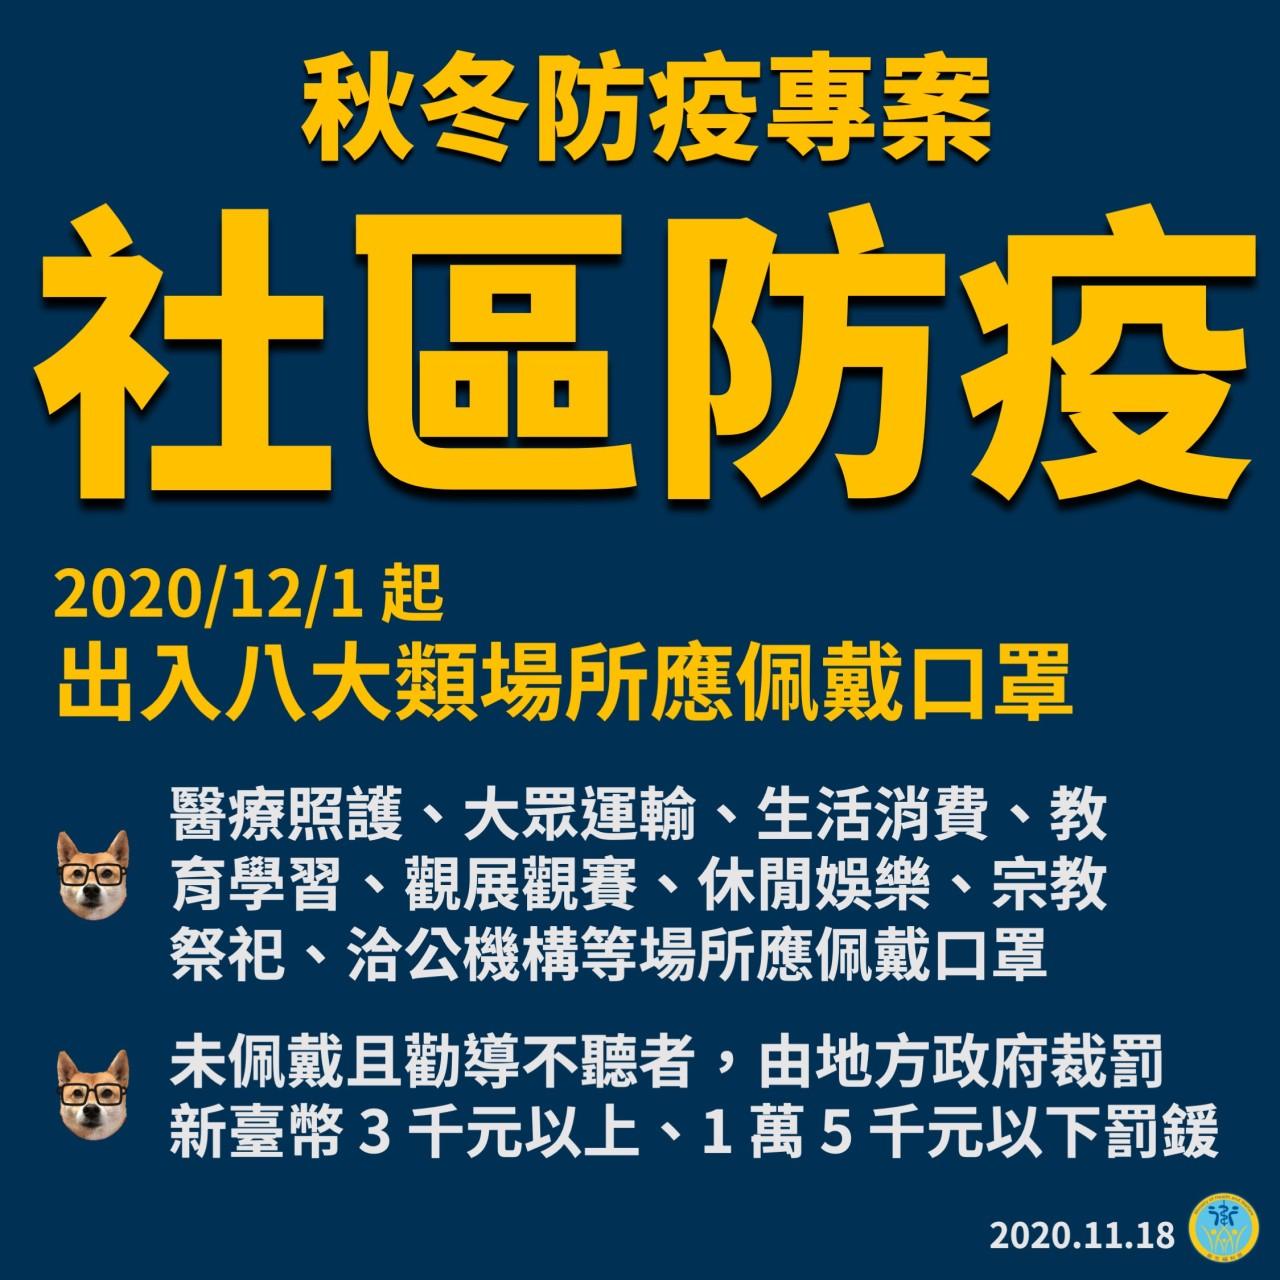 12/1起將實施「秋冬防疫專案」